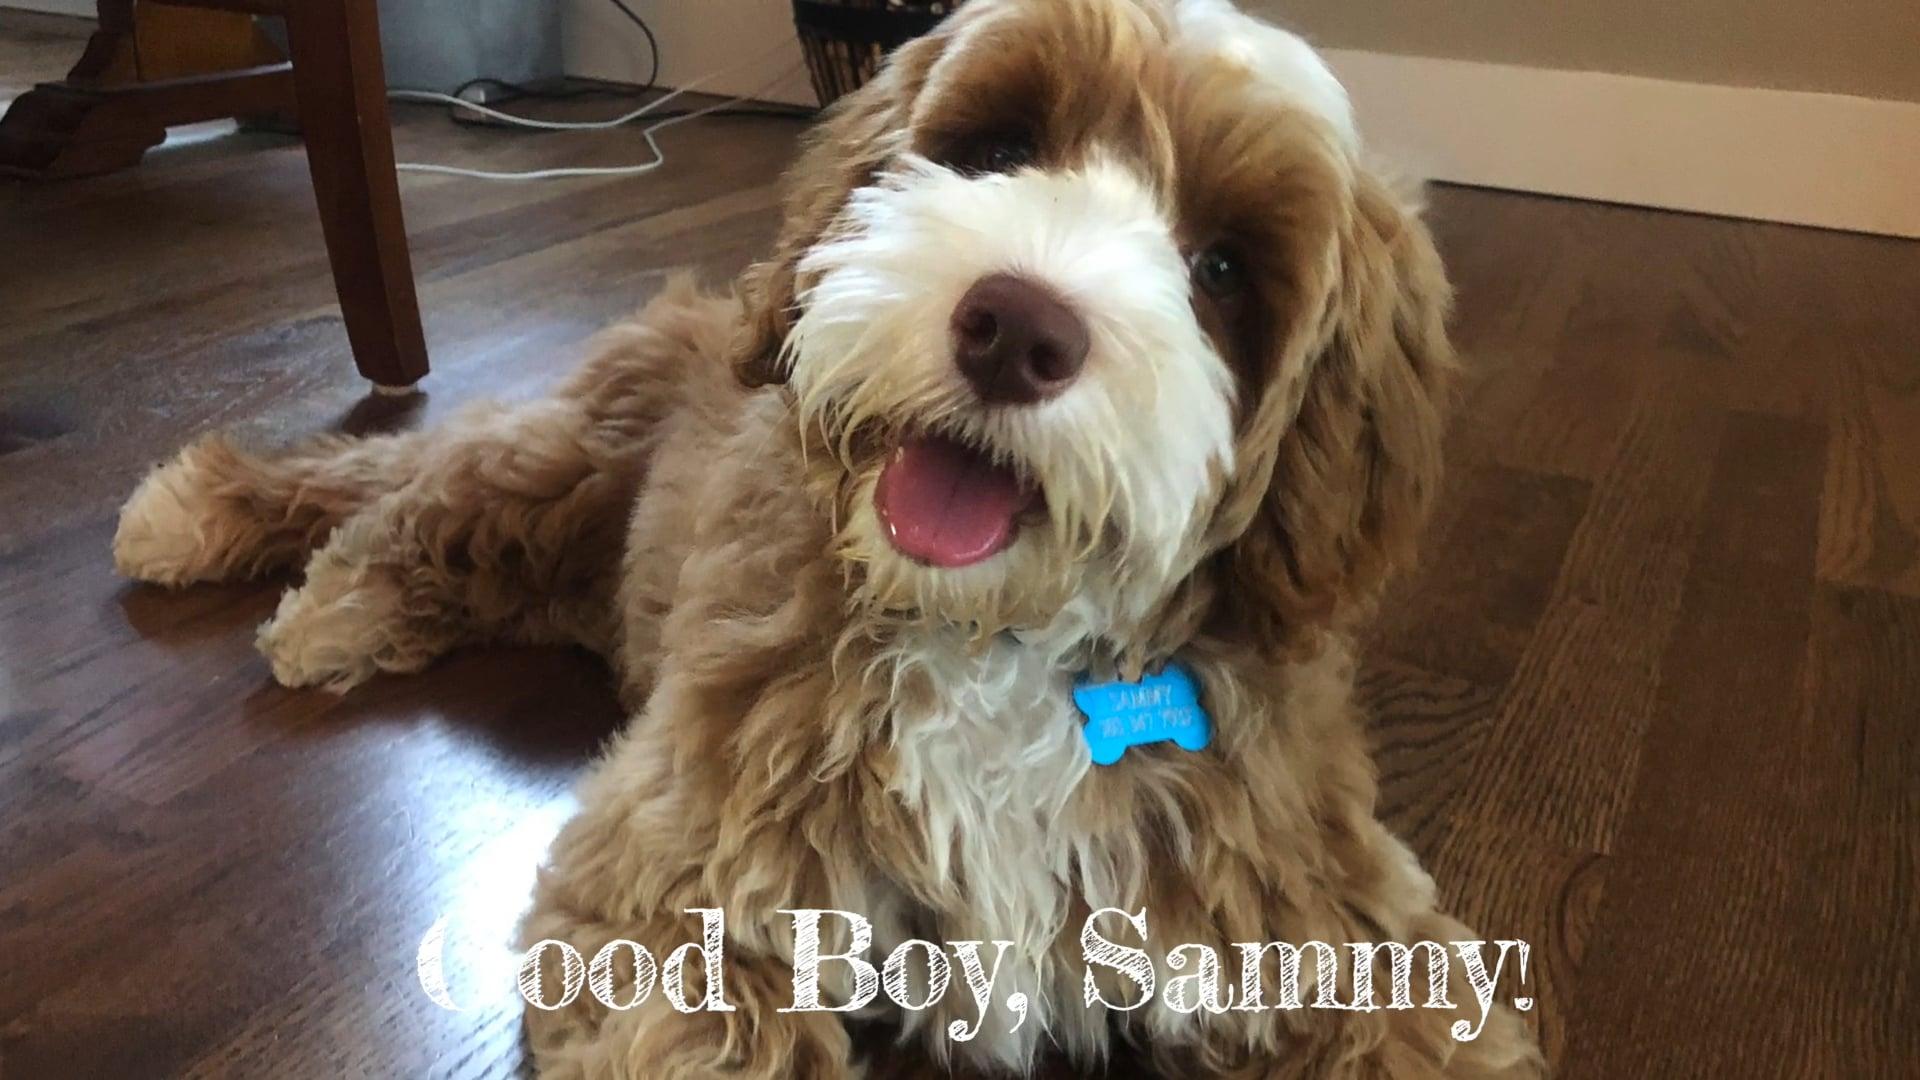 Toilet Paper Sammy